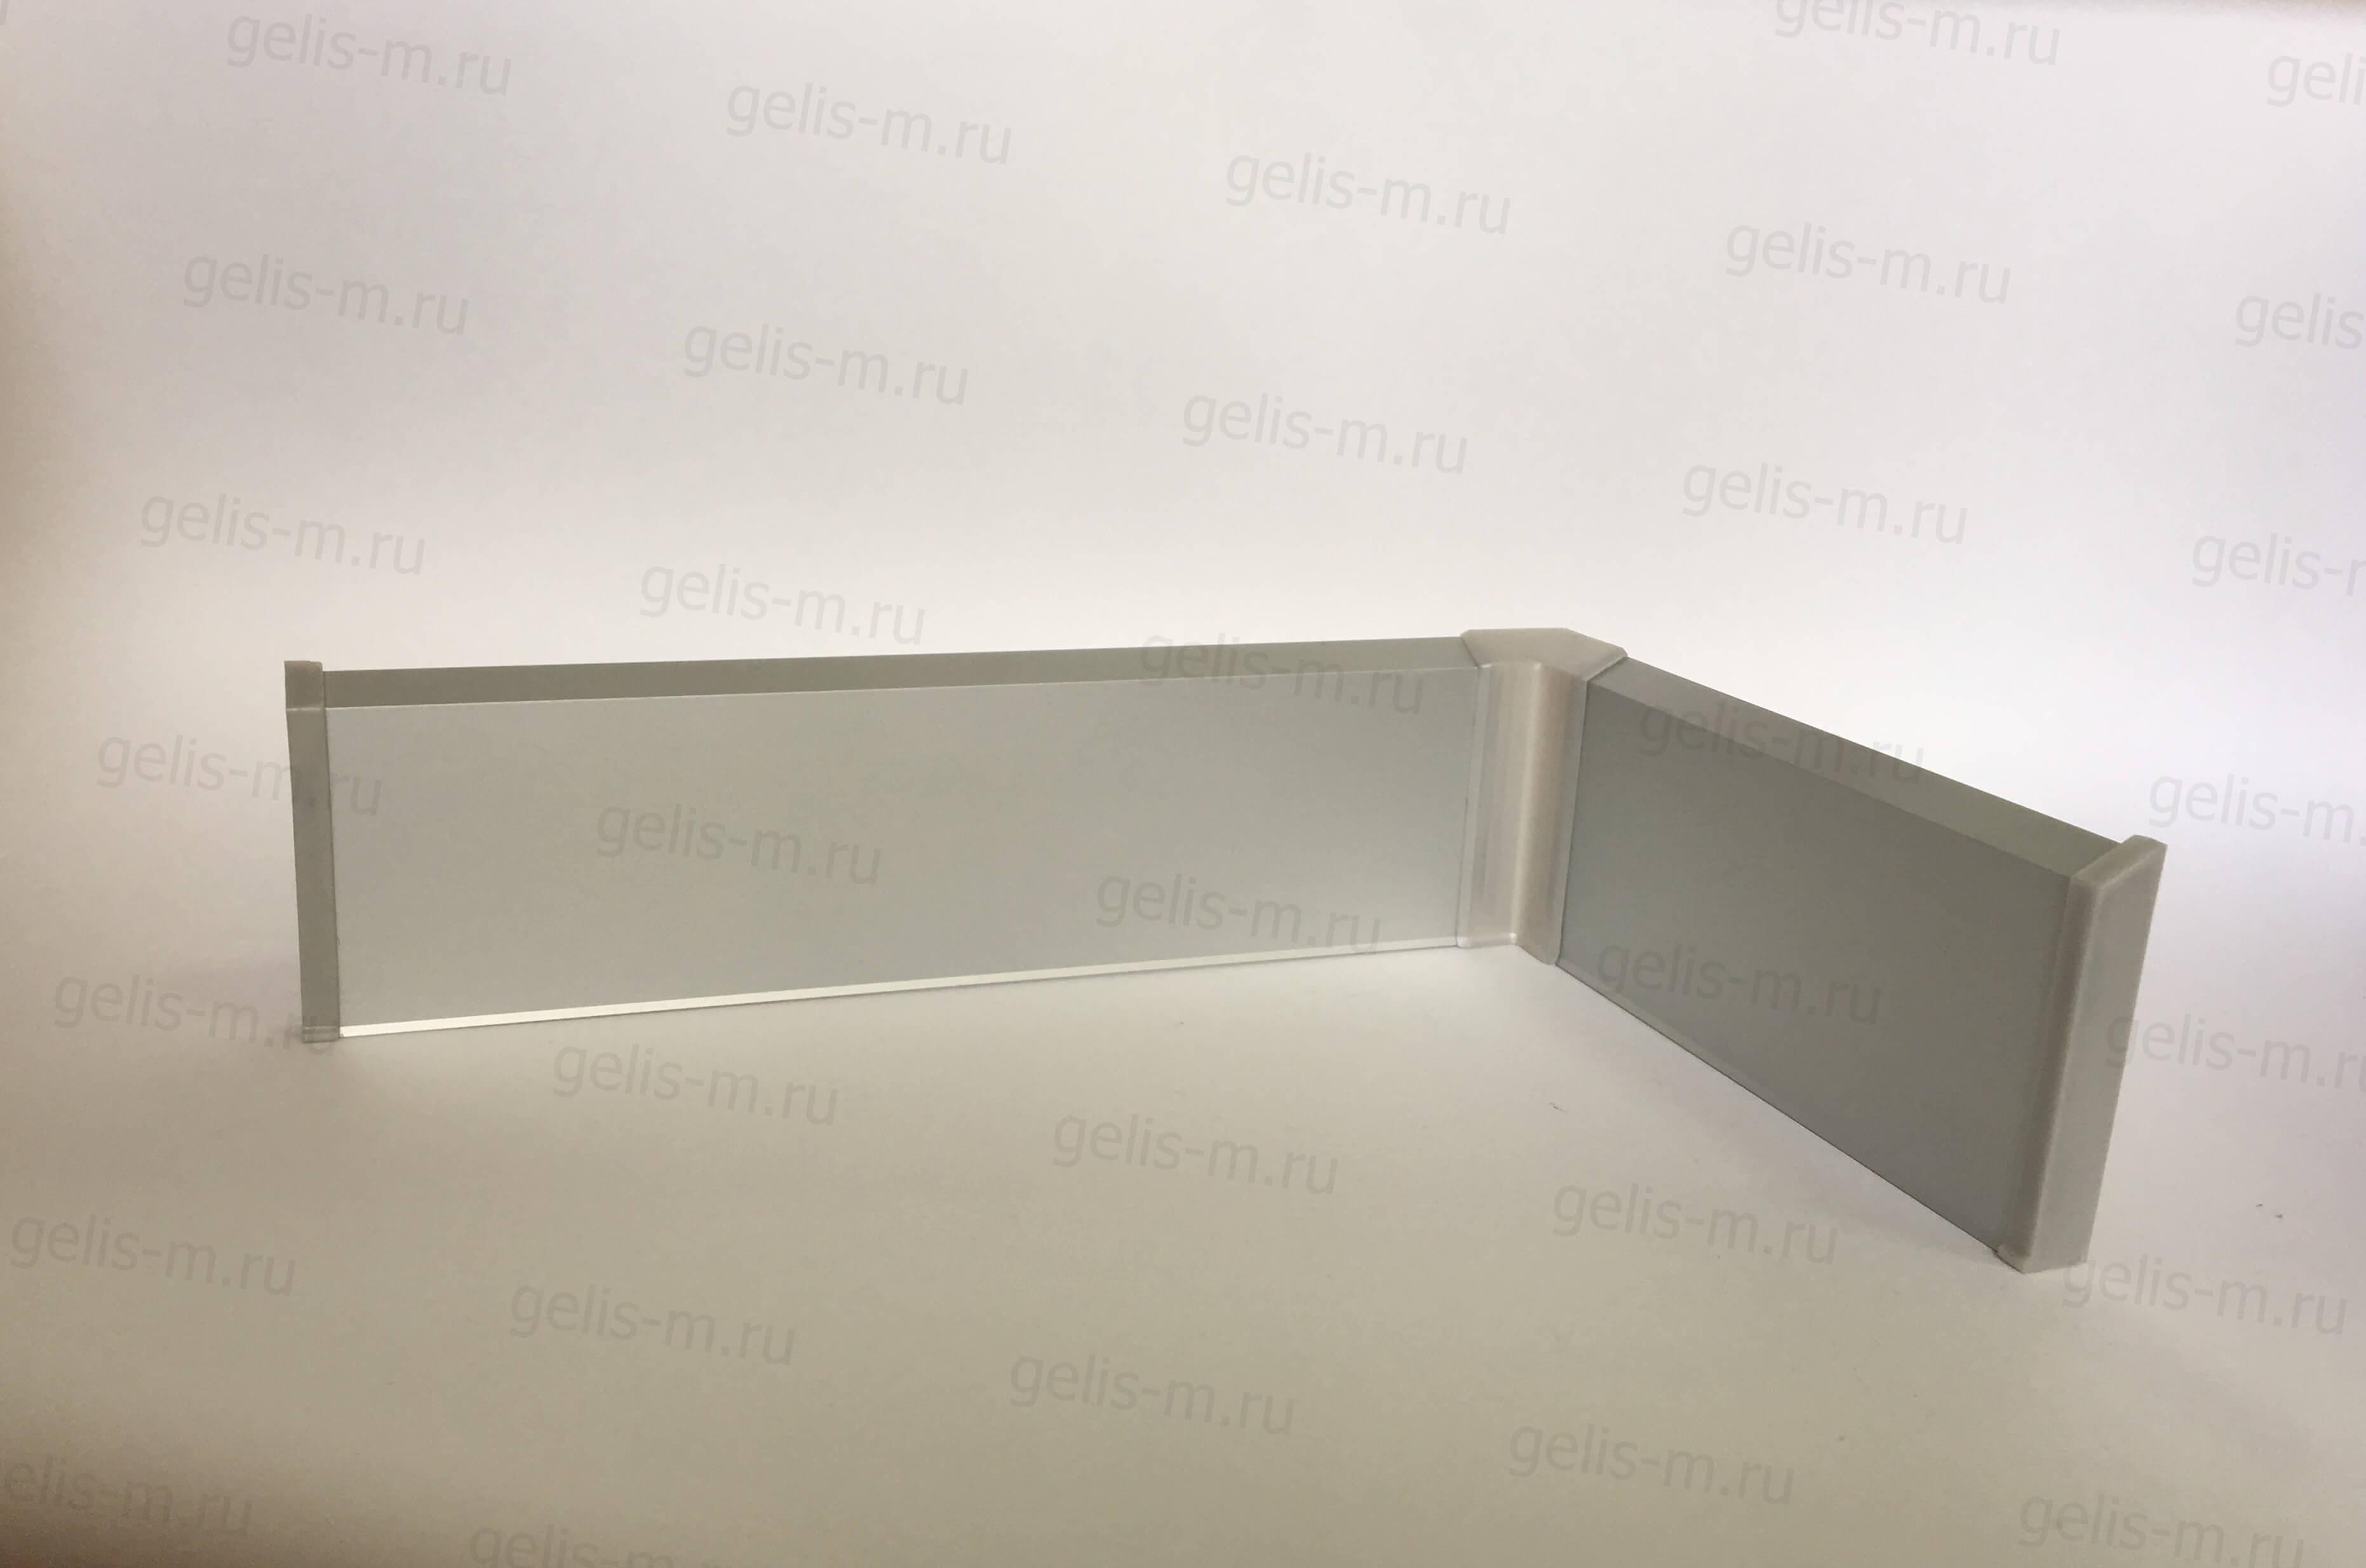 Алюминиевый плинтус с кабель-каналом на клипсах